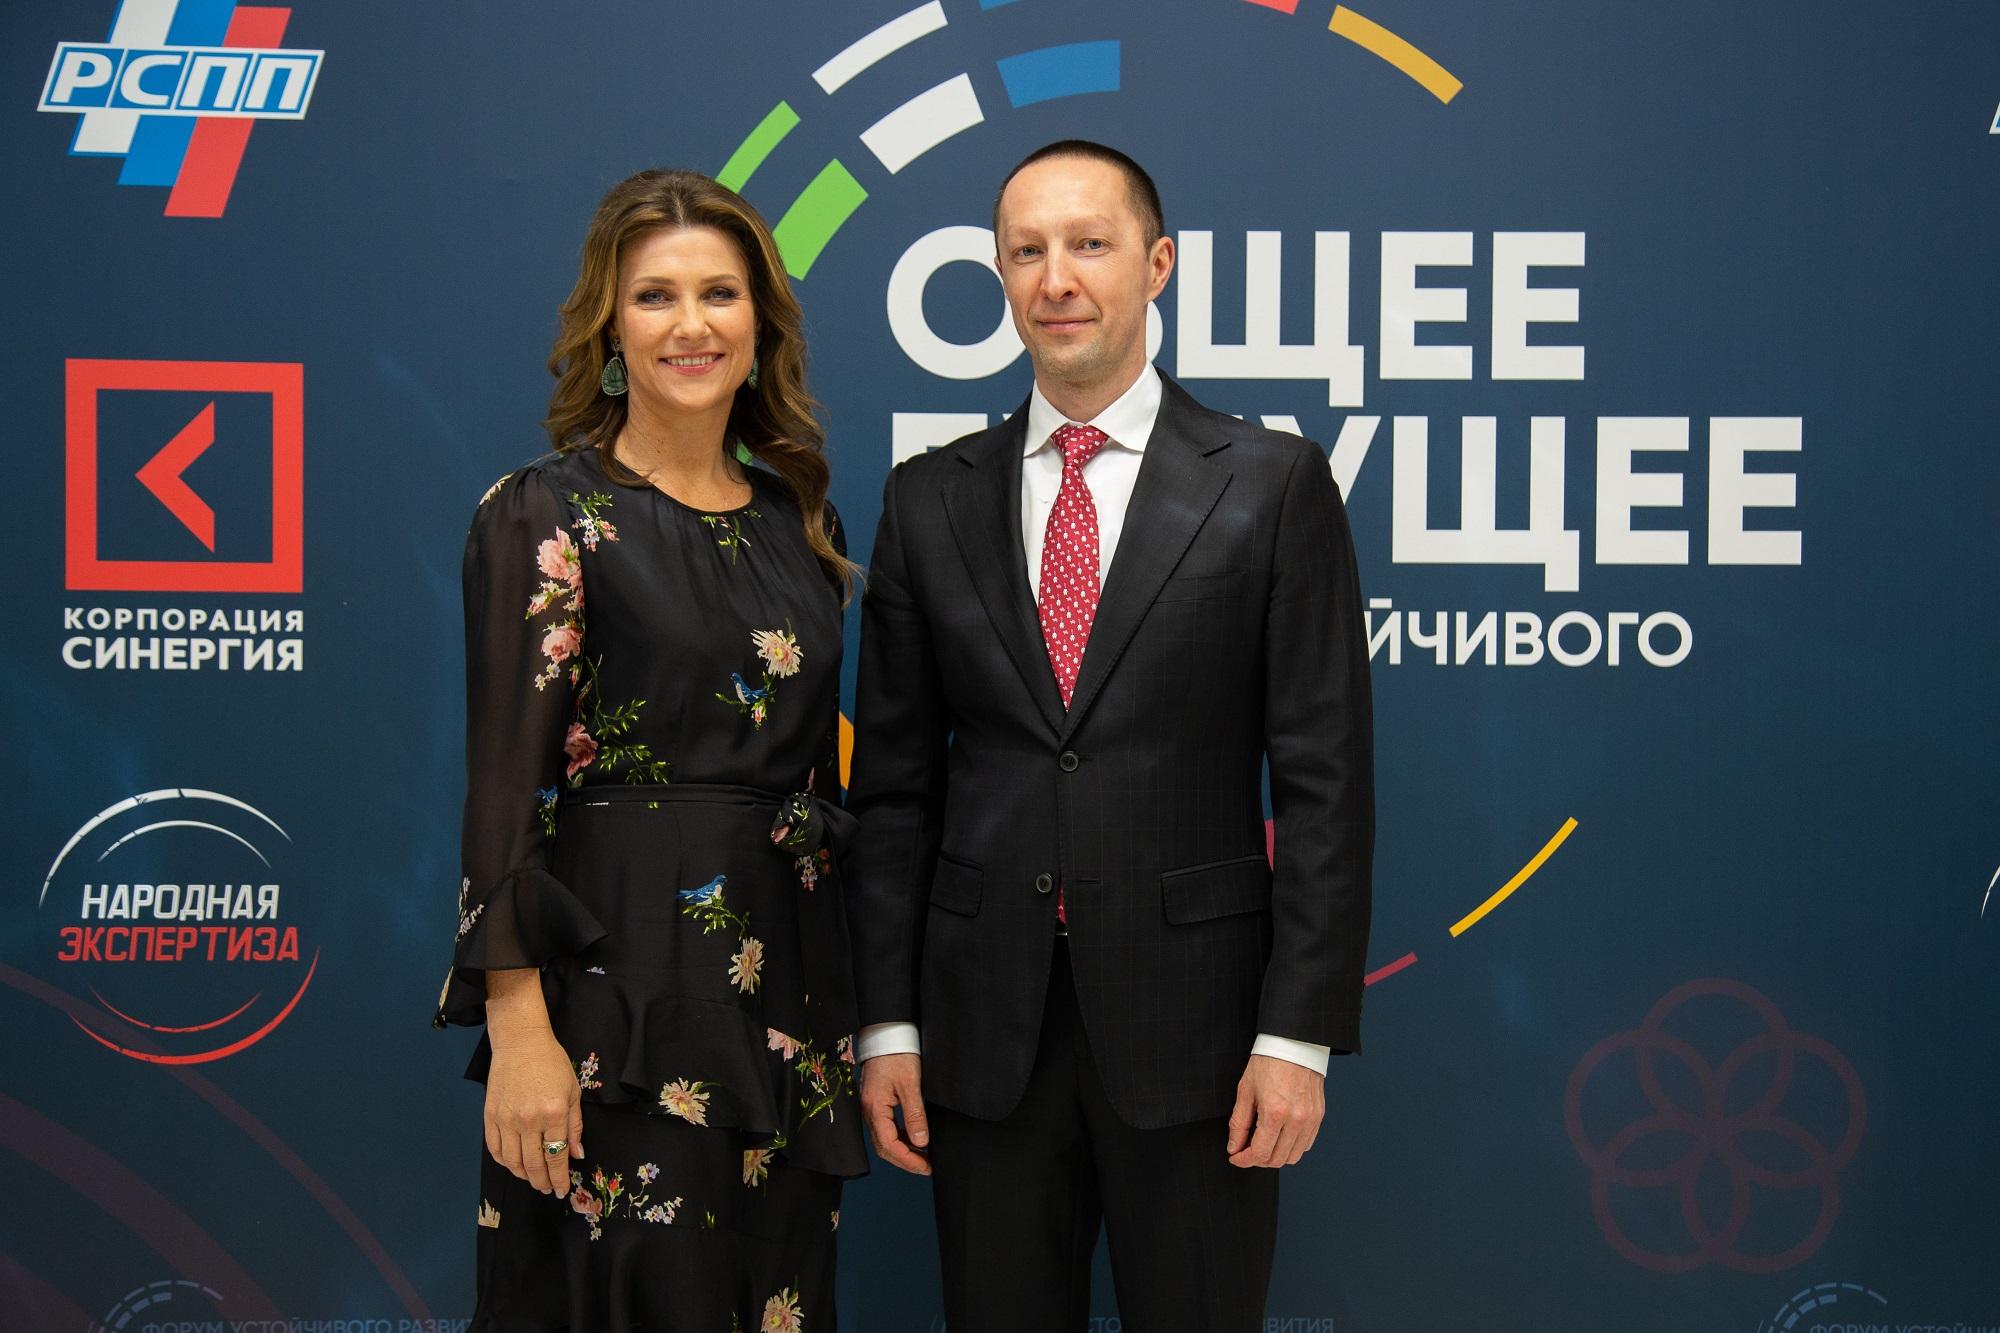 Вадим Лобов с Принцессой Норвегии Мартой Луизой на форуме «Общее будущее»